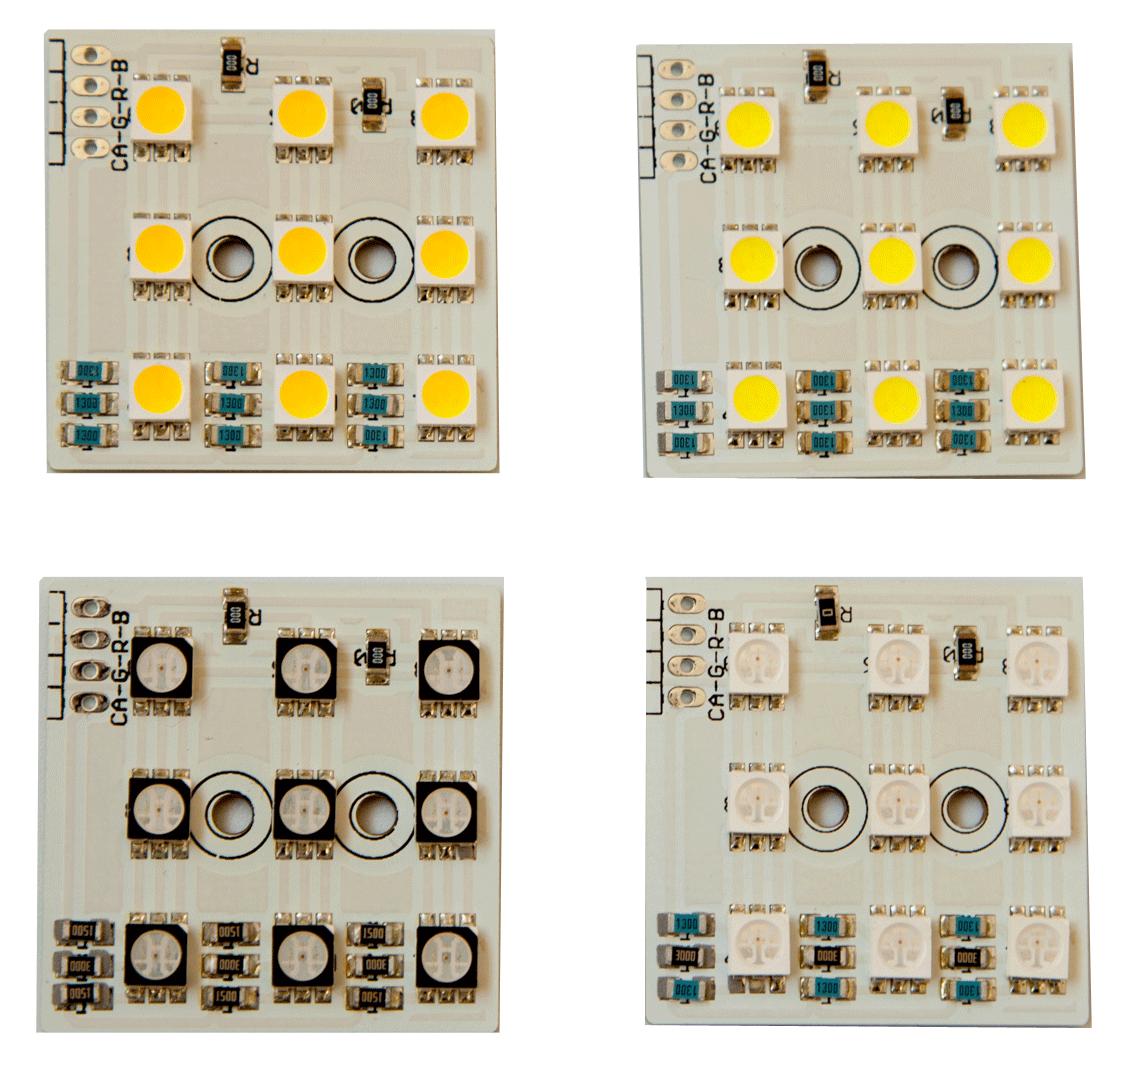 LED-Cluster 3x3 fertig bestückt